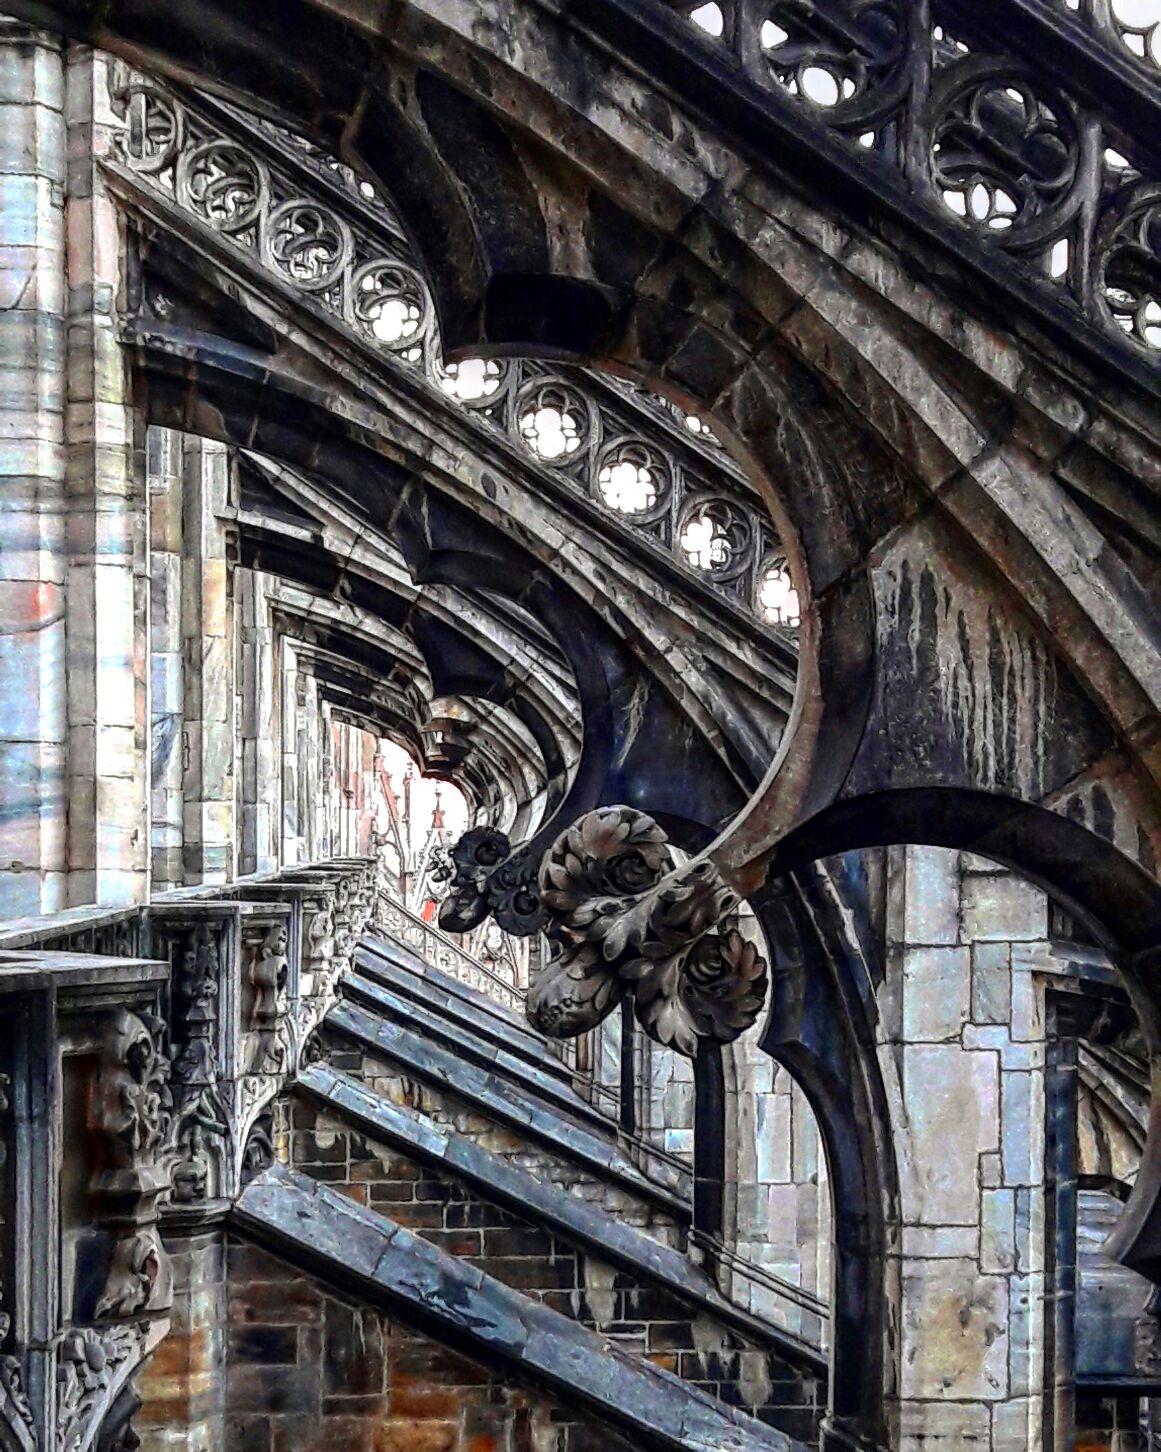 на крыше дуомо в Милане - Взгляд на Милан в фотообъектив от Арины Карабановой